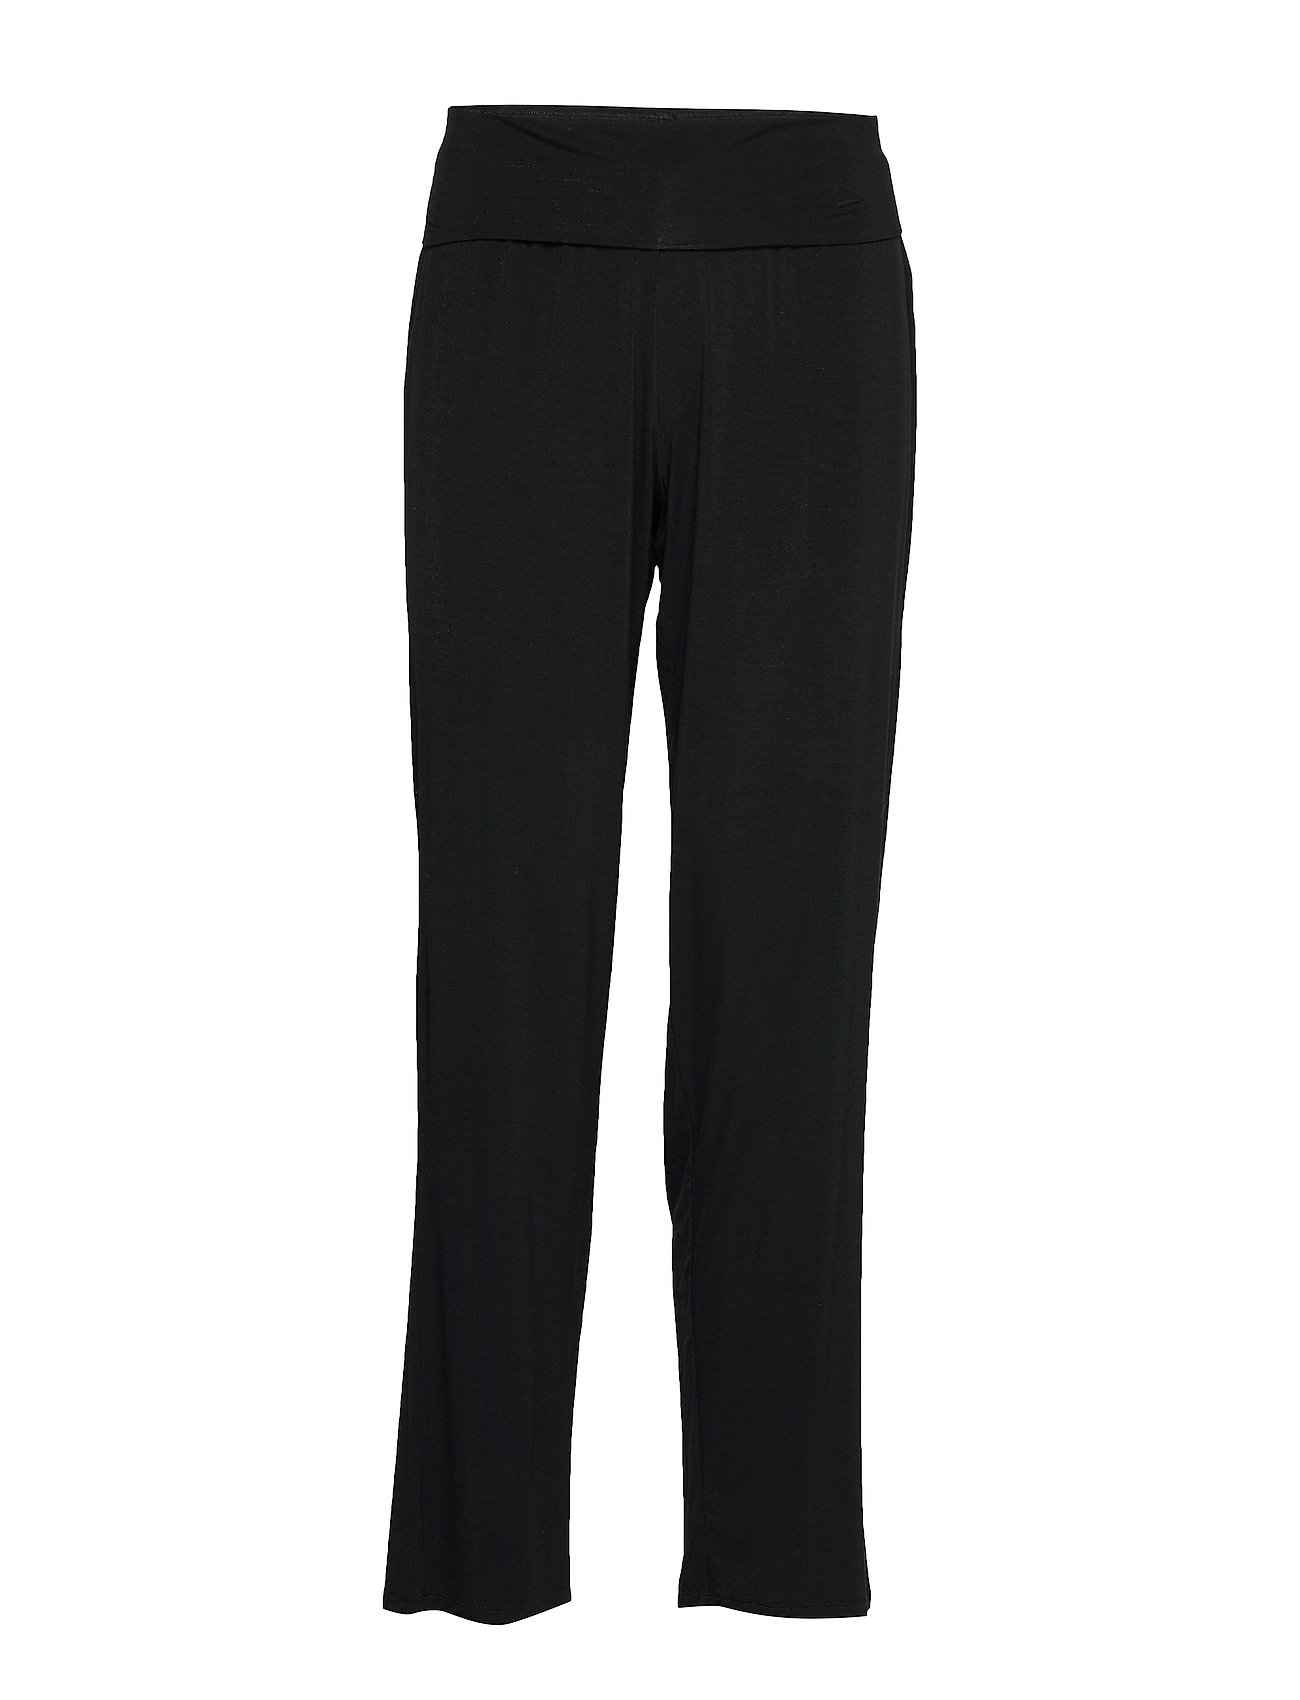 Lady Avenue Bamboo Yoga Pants - BLACK